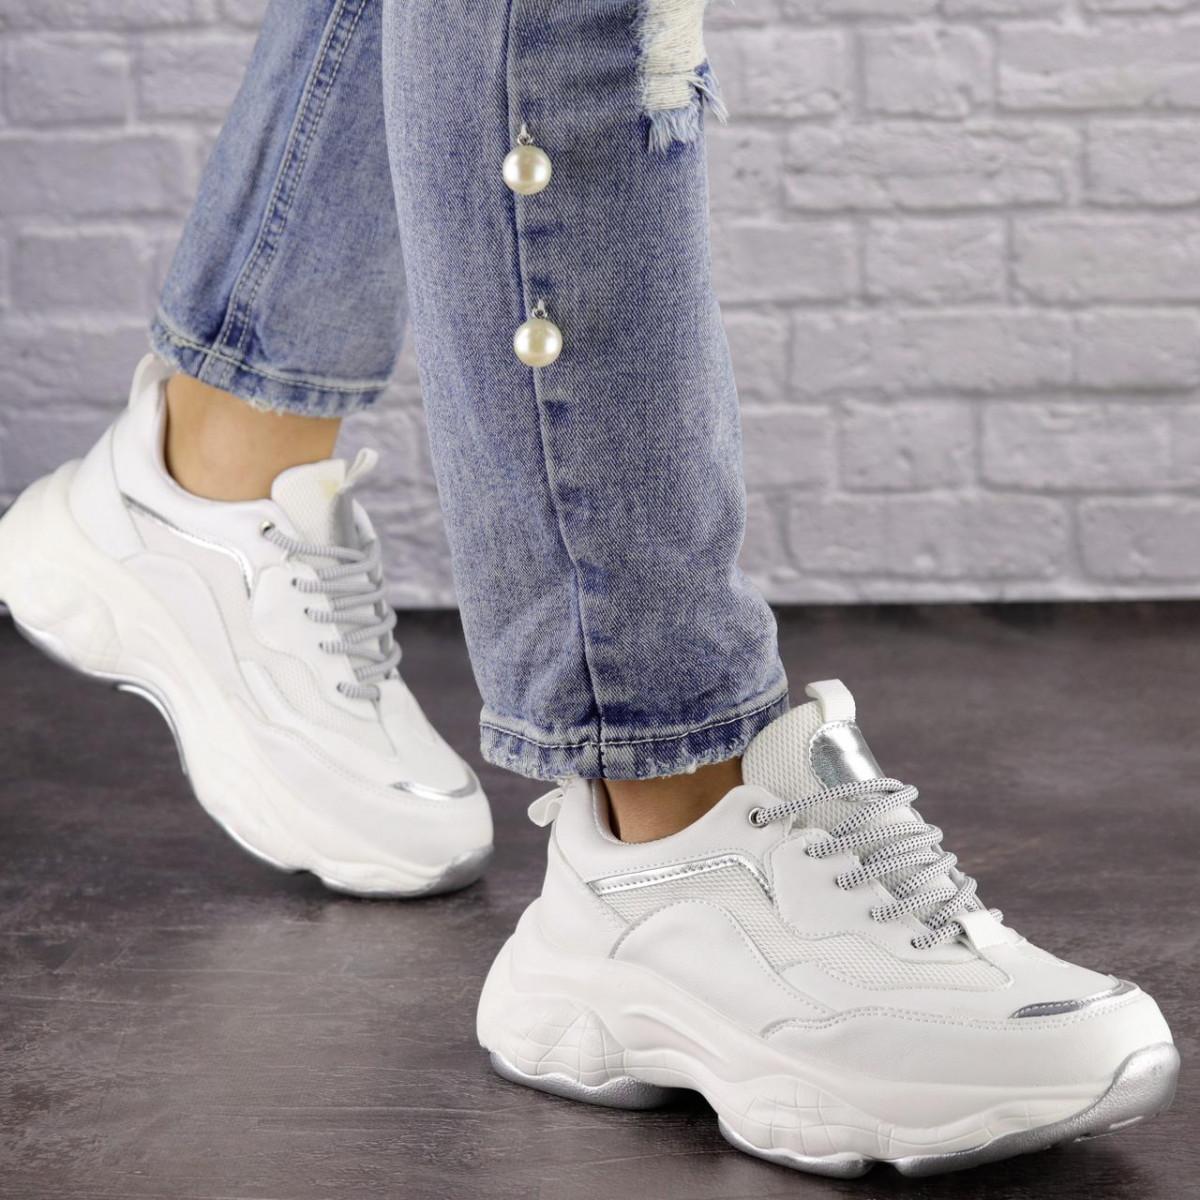 Женские белые кроссовки Harper 1463 (36 размер)